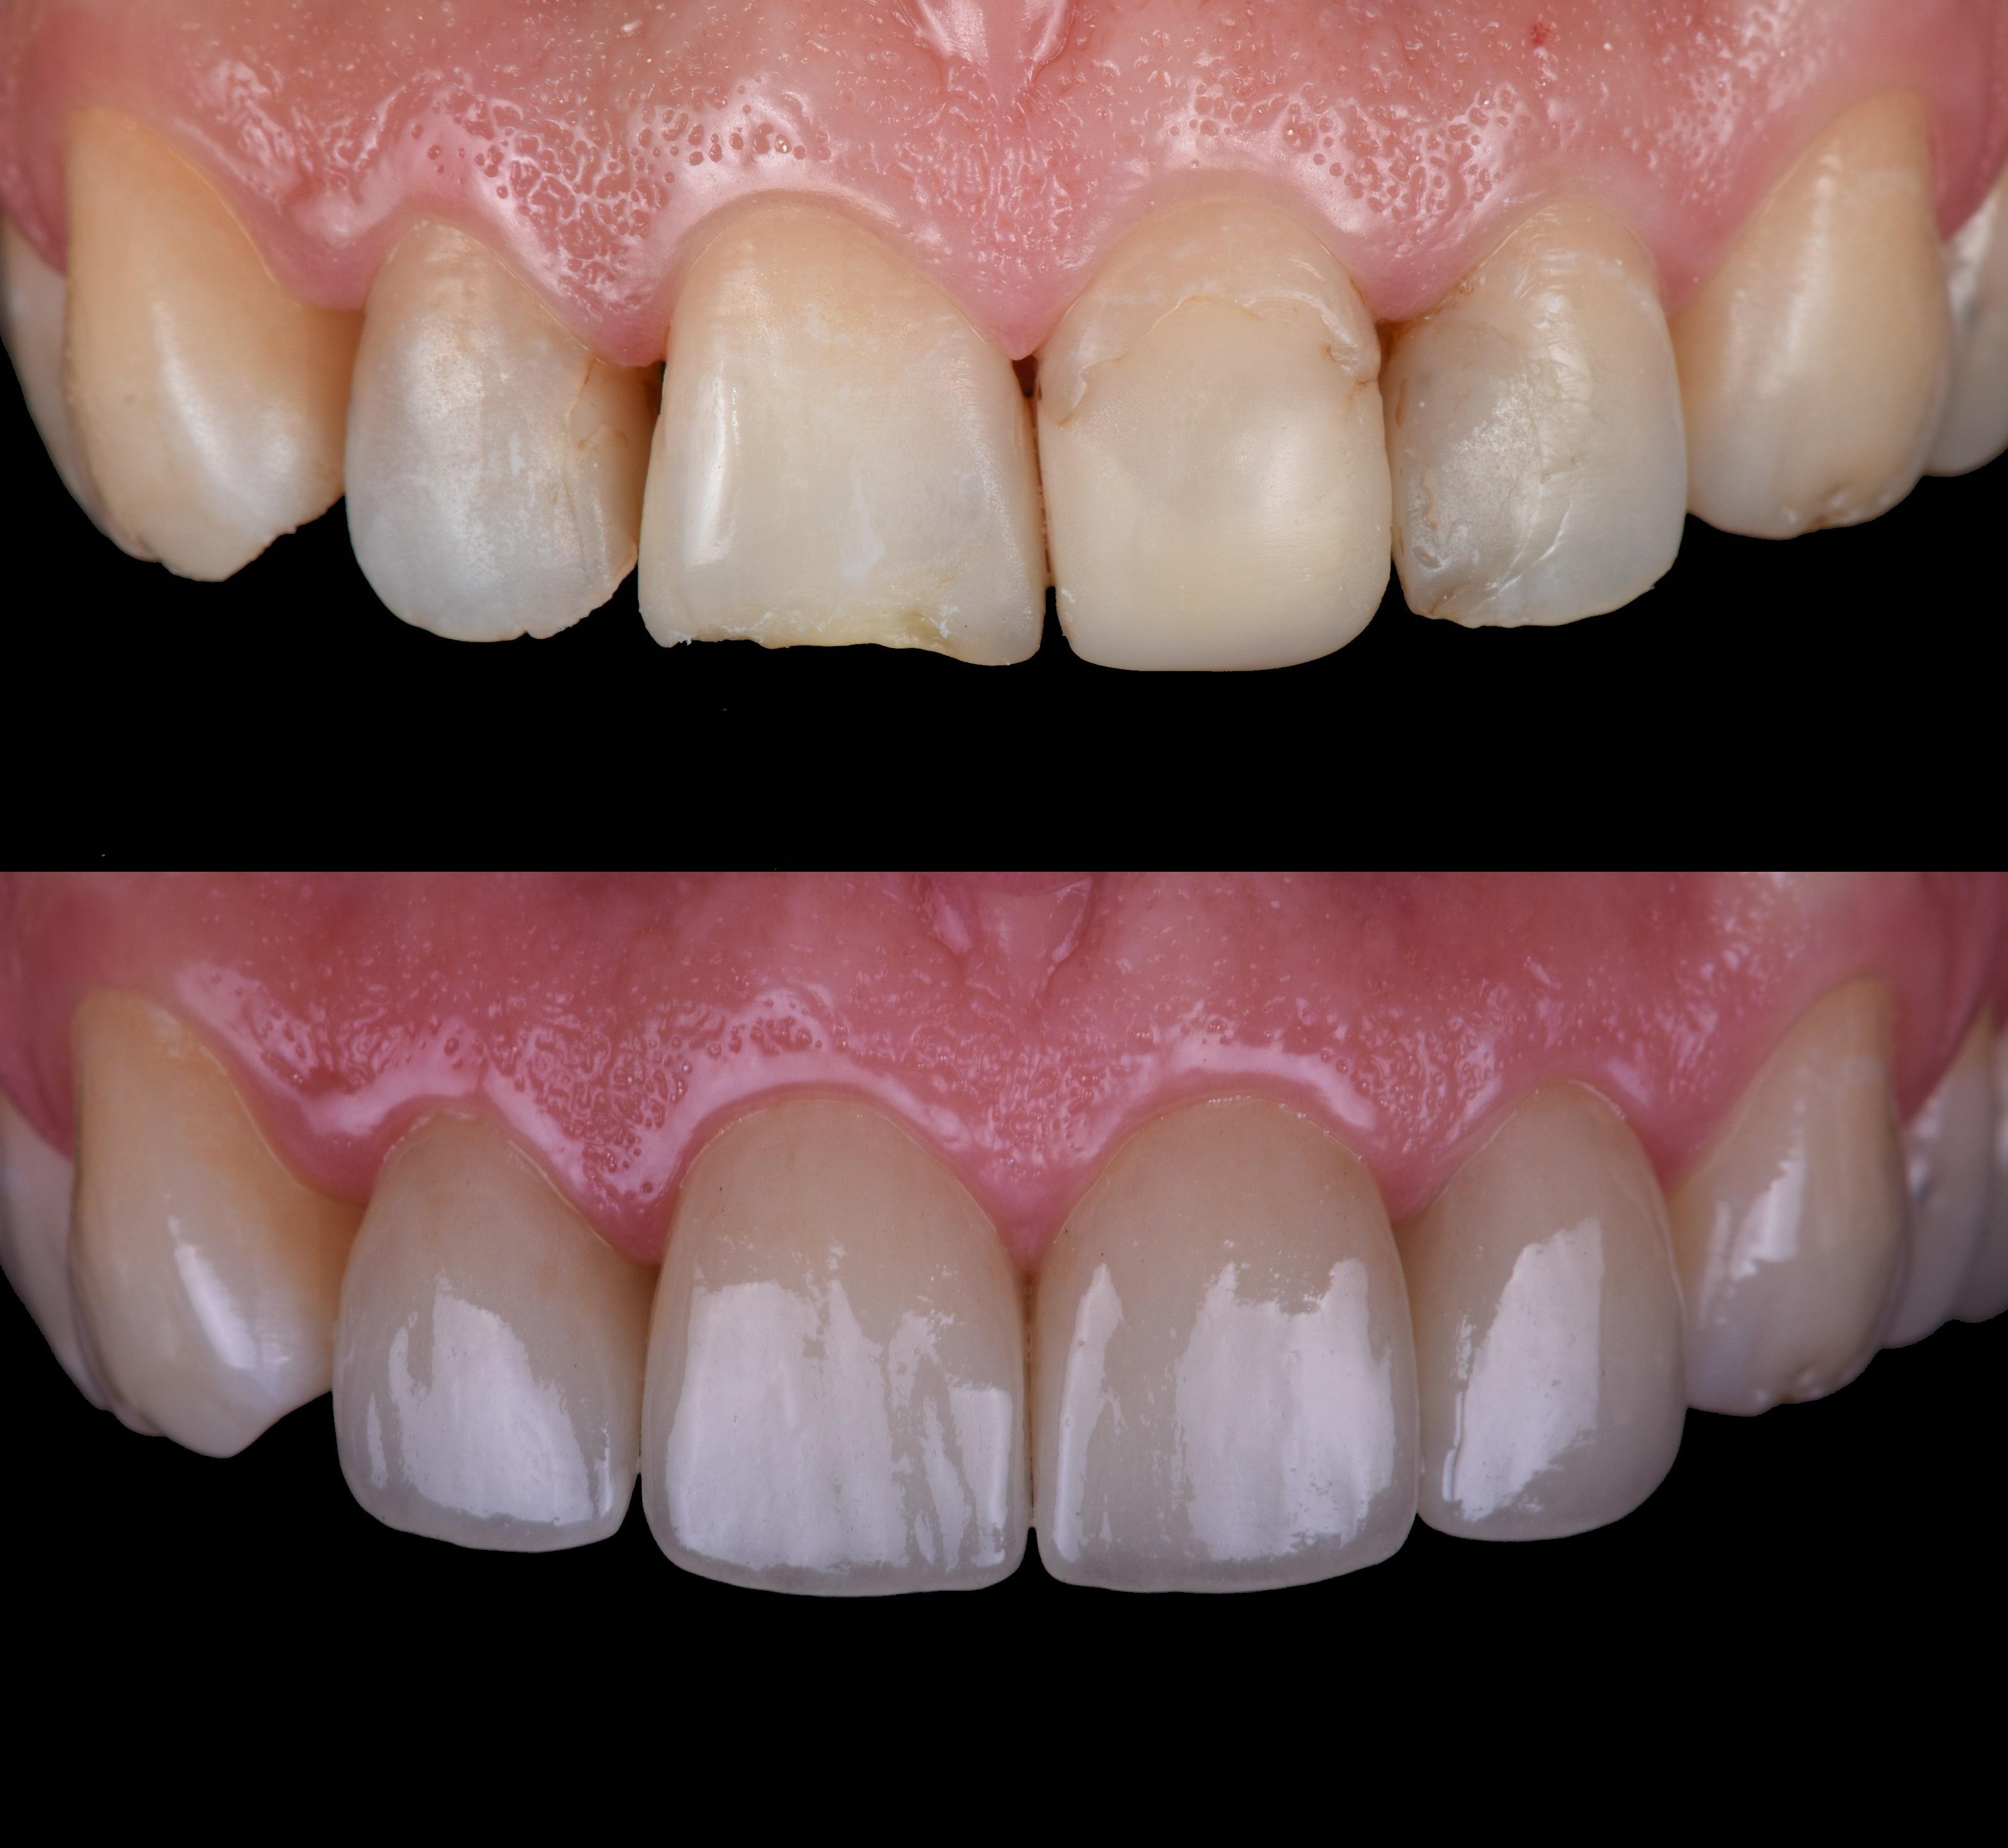 Пациента не устраивала форма, цвет и ассиметрия зубов. Старые композитные пломбы заменены на керамические раставрации.